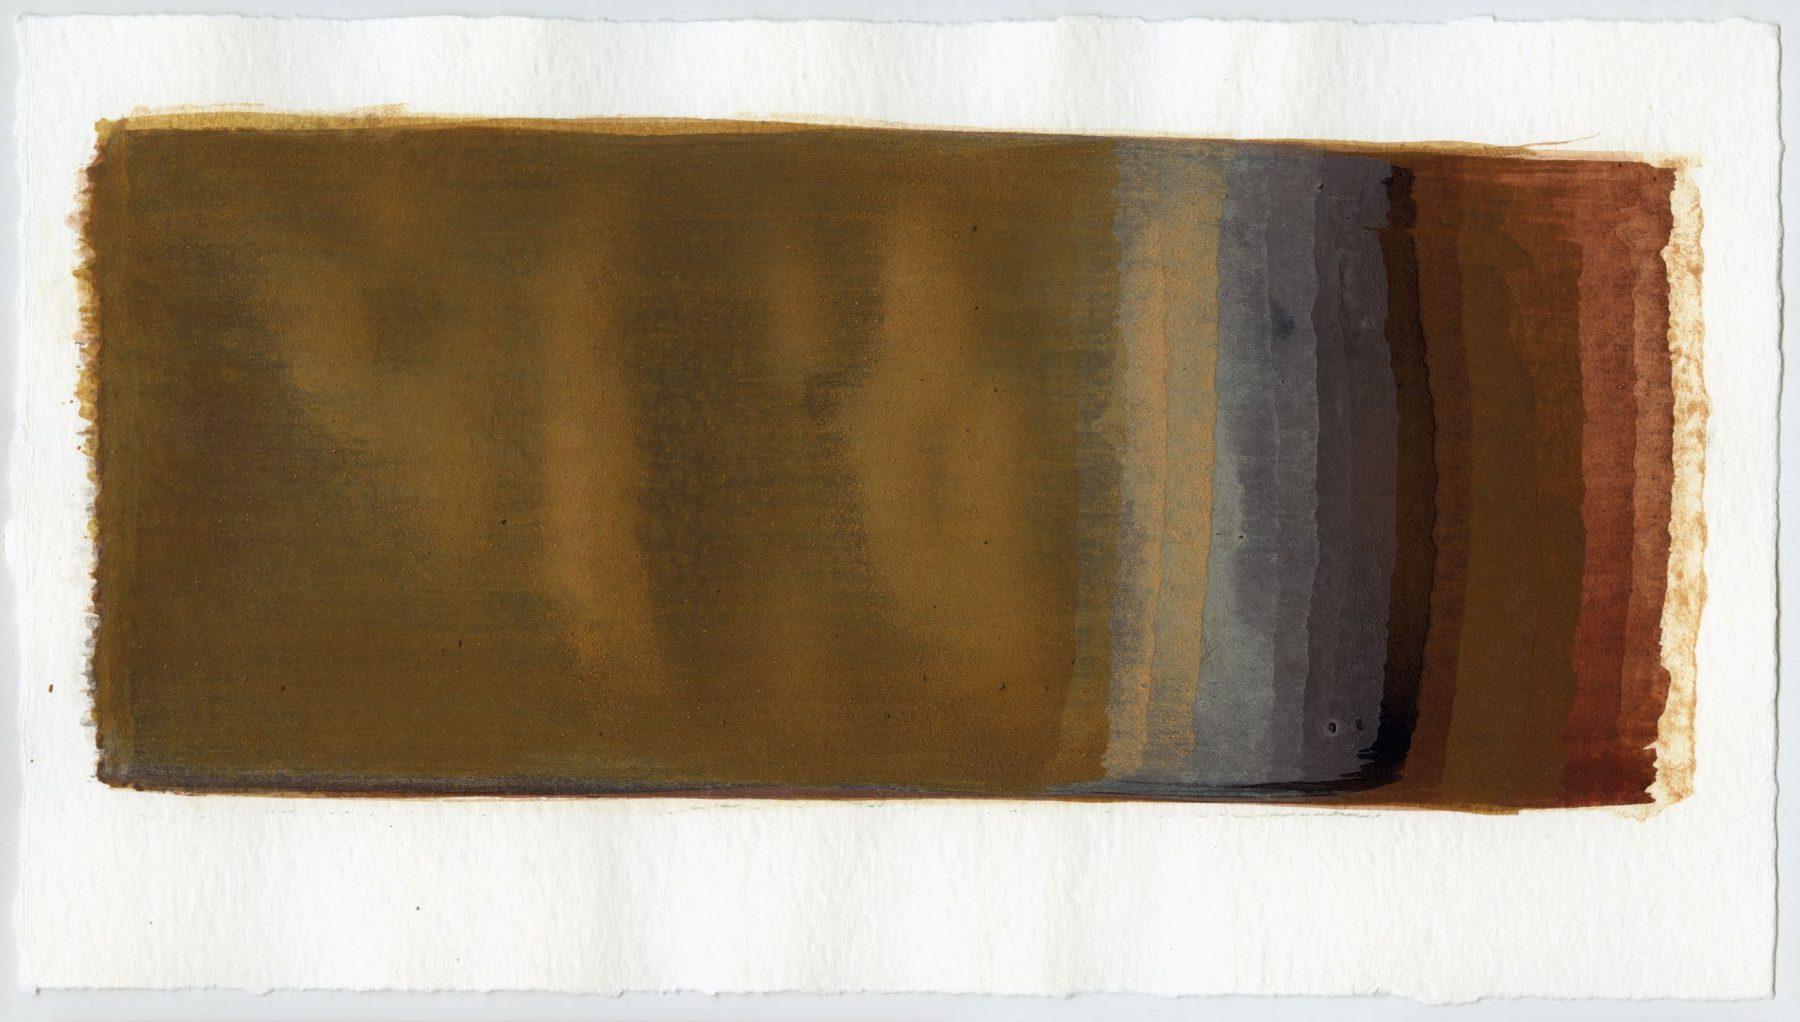 Brush stroke no. 21 - SOLD - Selfmade pigment: Perekker roze, Mortelse oker gebrand, IJzeroer, IJzeroer gebrand, Slingerpad zwart, Mortel paarsgrijs fijn, Perekker grijs, Perekker roze, Mortelse goudoker